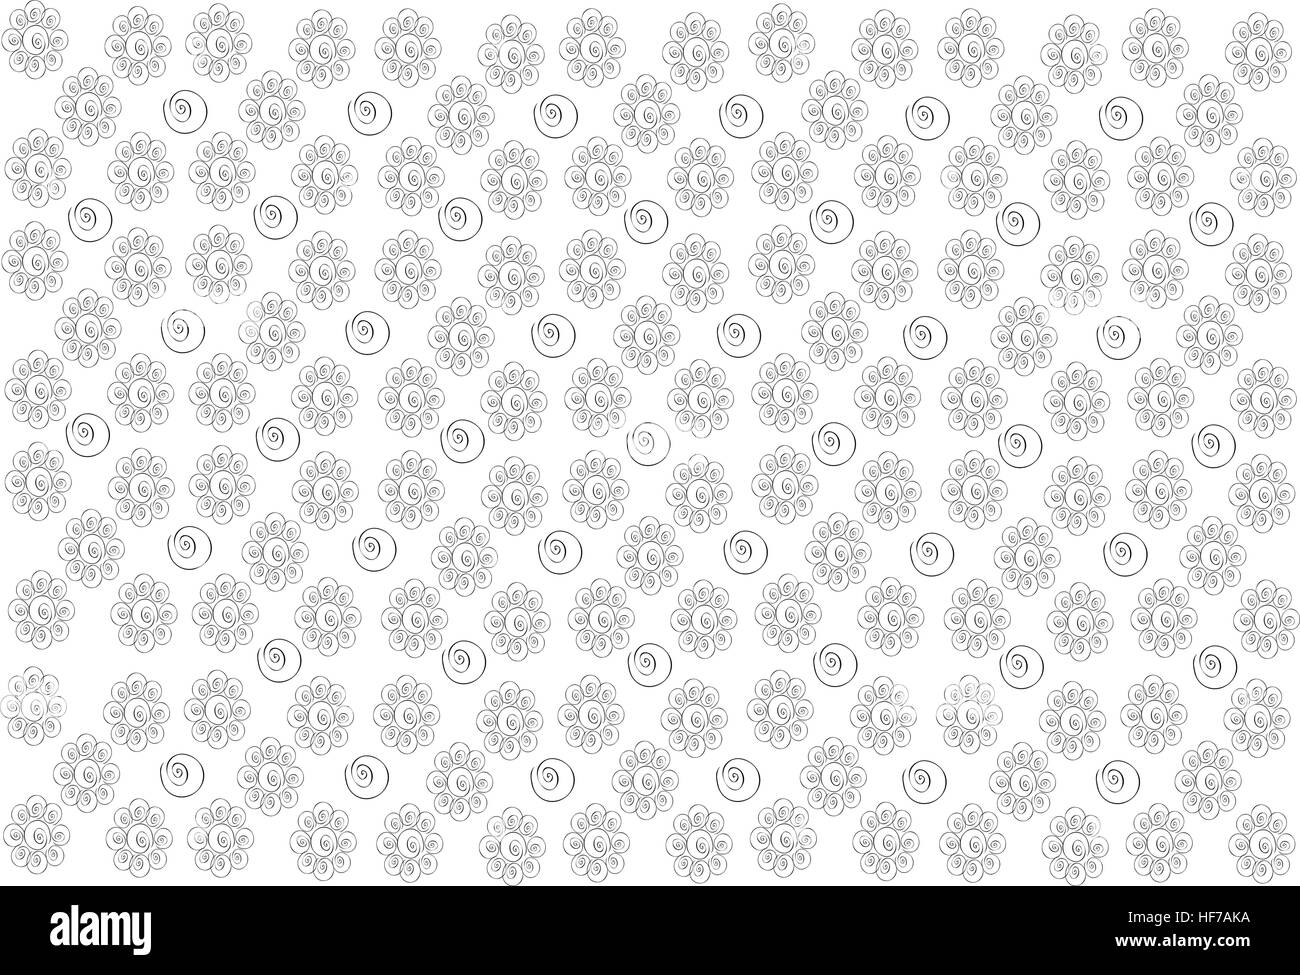 Thai Muster Illustration Der Schöne Weiße Textur Wallpaper